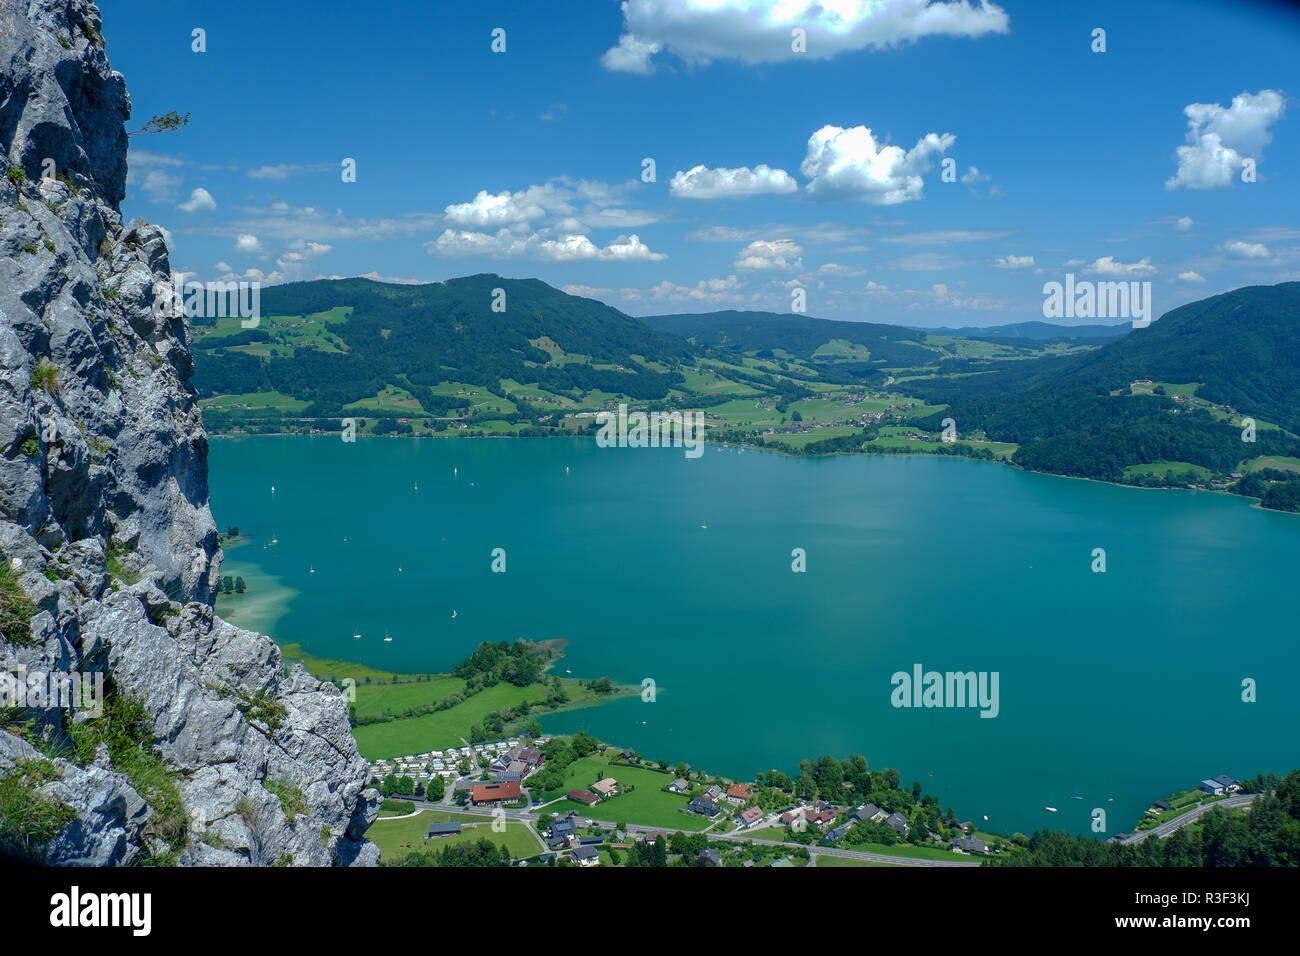 Klettersteig Drachenwand : Mondsee schuß von der drachenwand klettersteig stockfoto bild